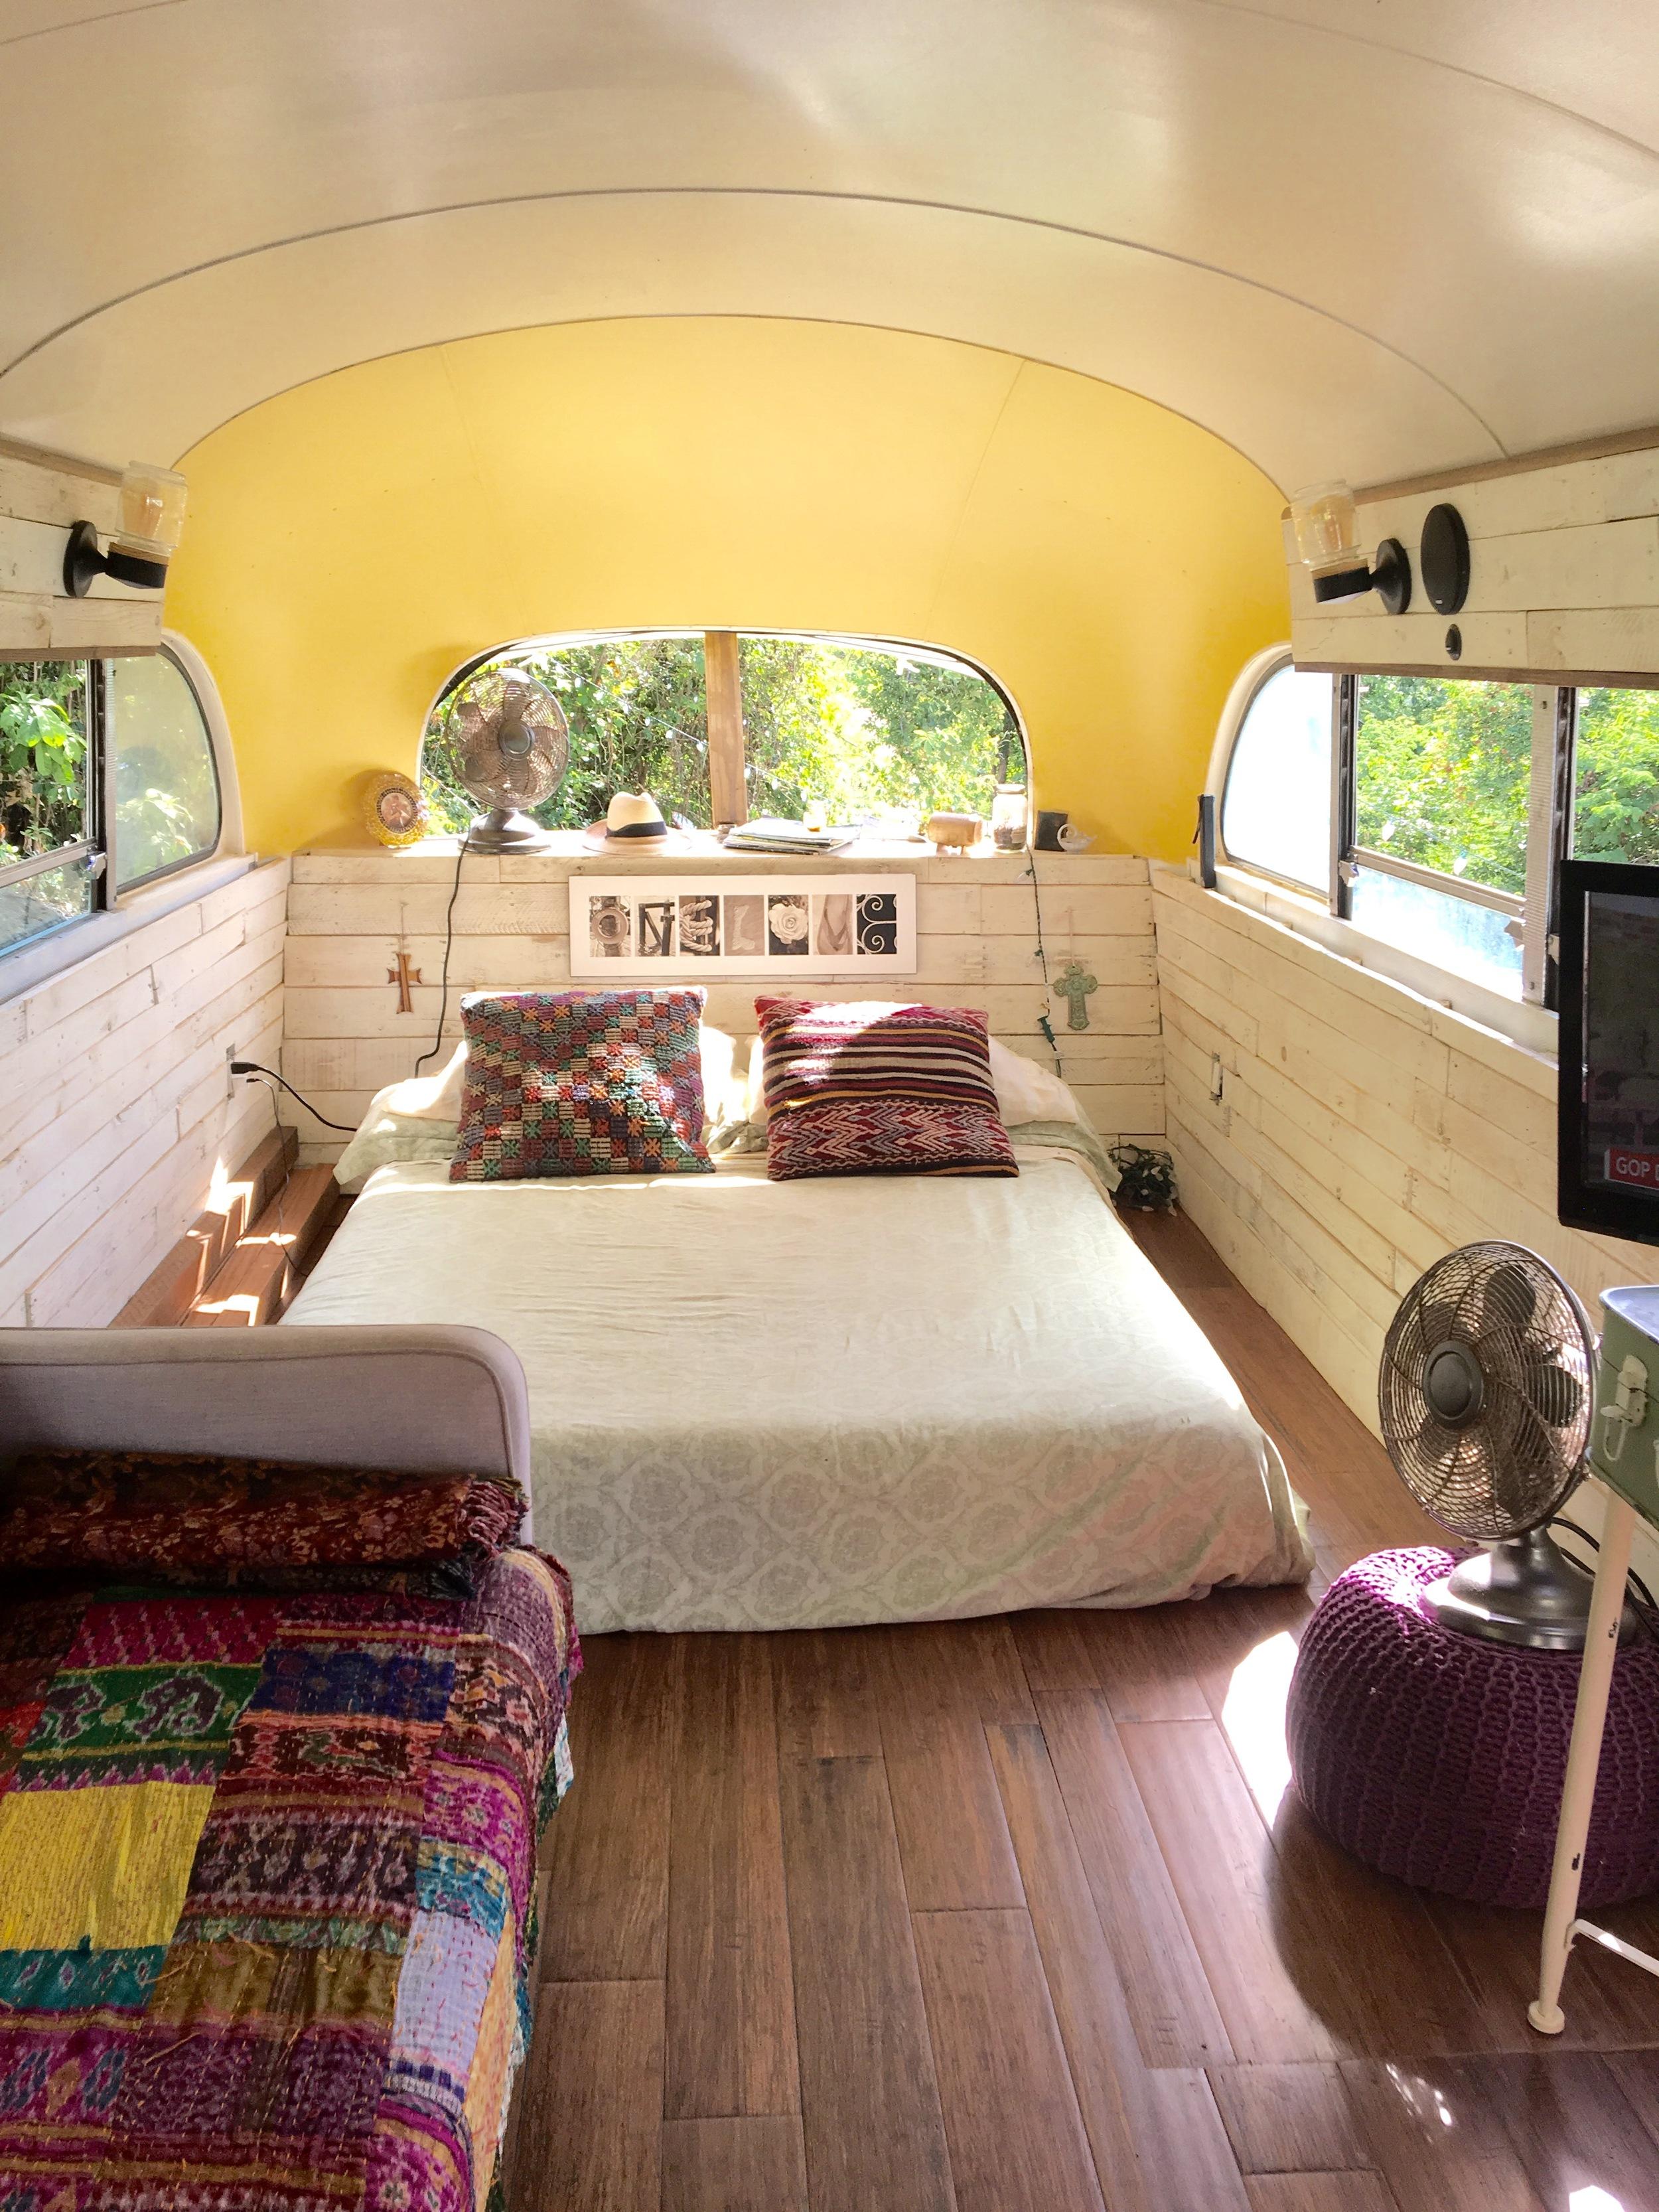 Bus Bedroom